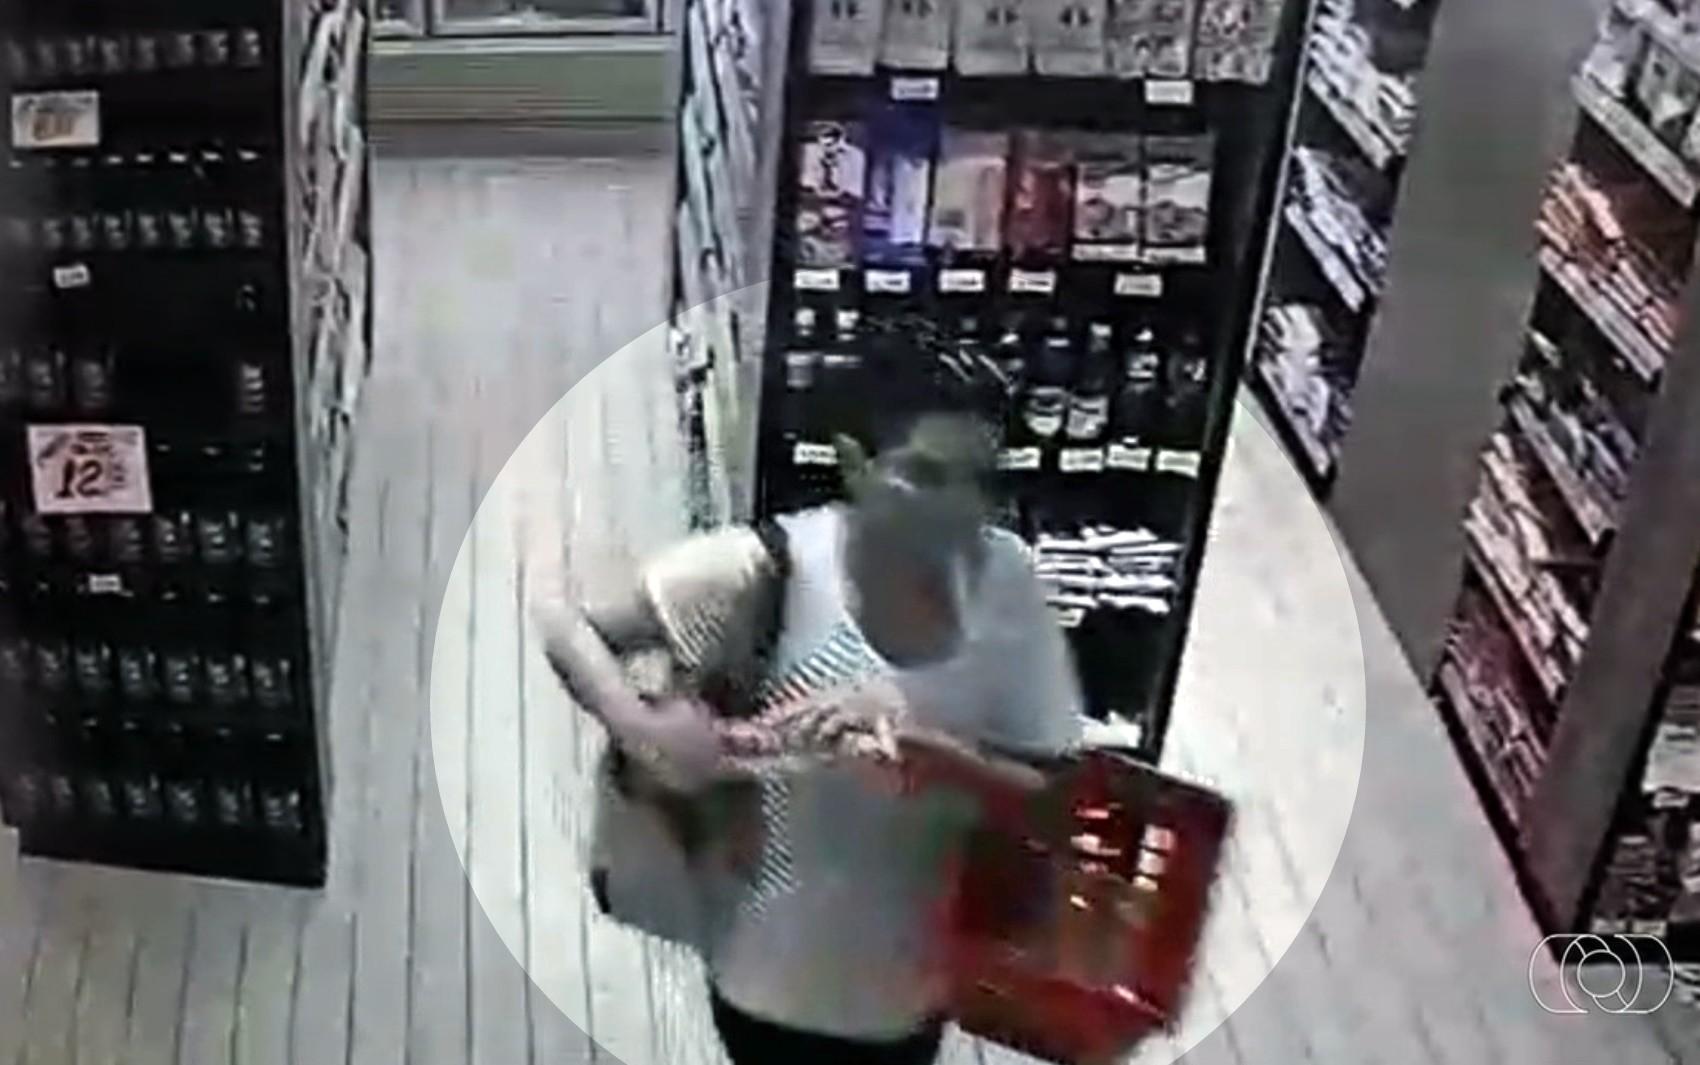 Clientes são flagradas furtando salame e linguiça em padaria de Goiânia; vídeo